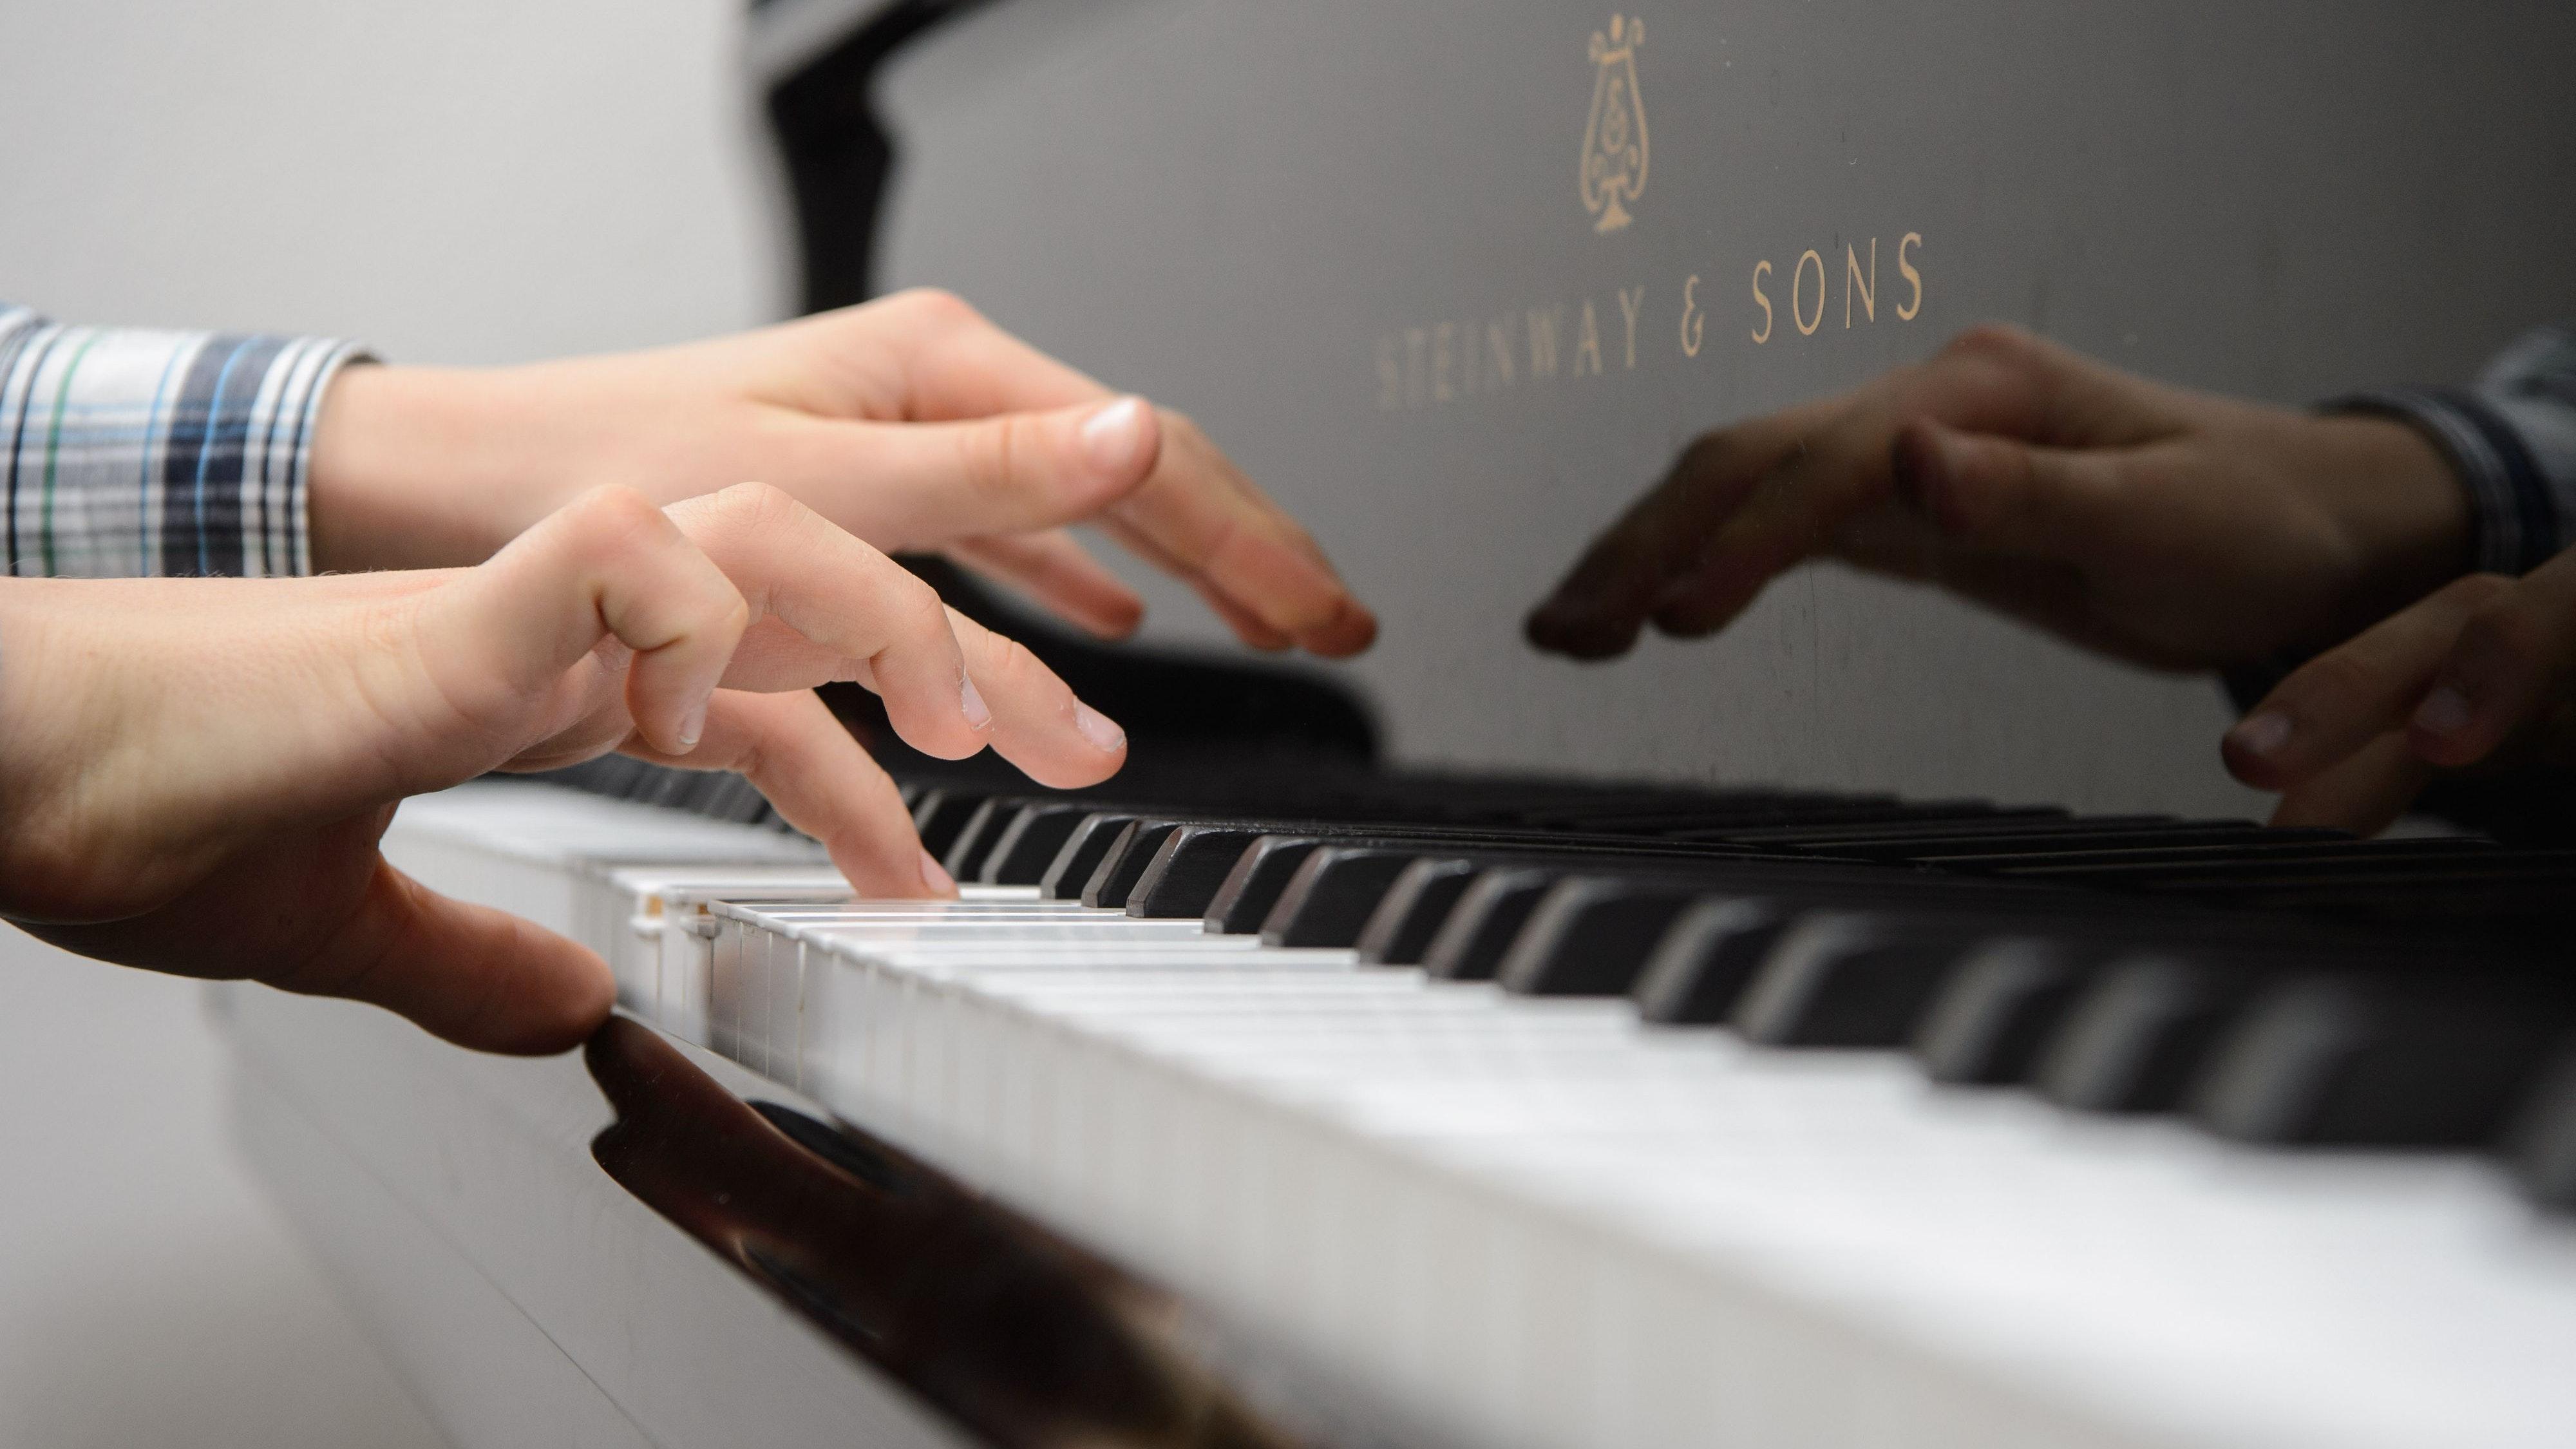 Schnelle Hilfe: Die Stiftung unterstützt die angehenden Musikstudenten bei den Vorbereitungen auf die Aufnahmeprüfung. Symbolfoto: dpa/Peter